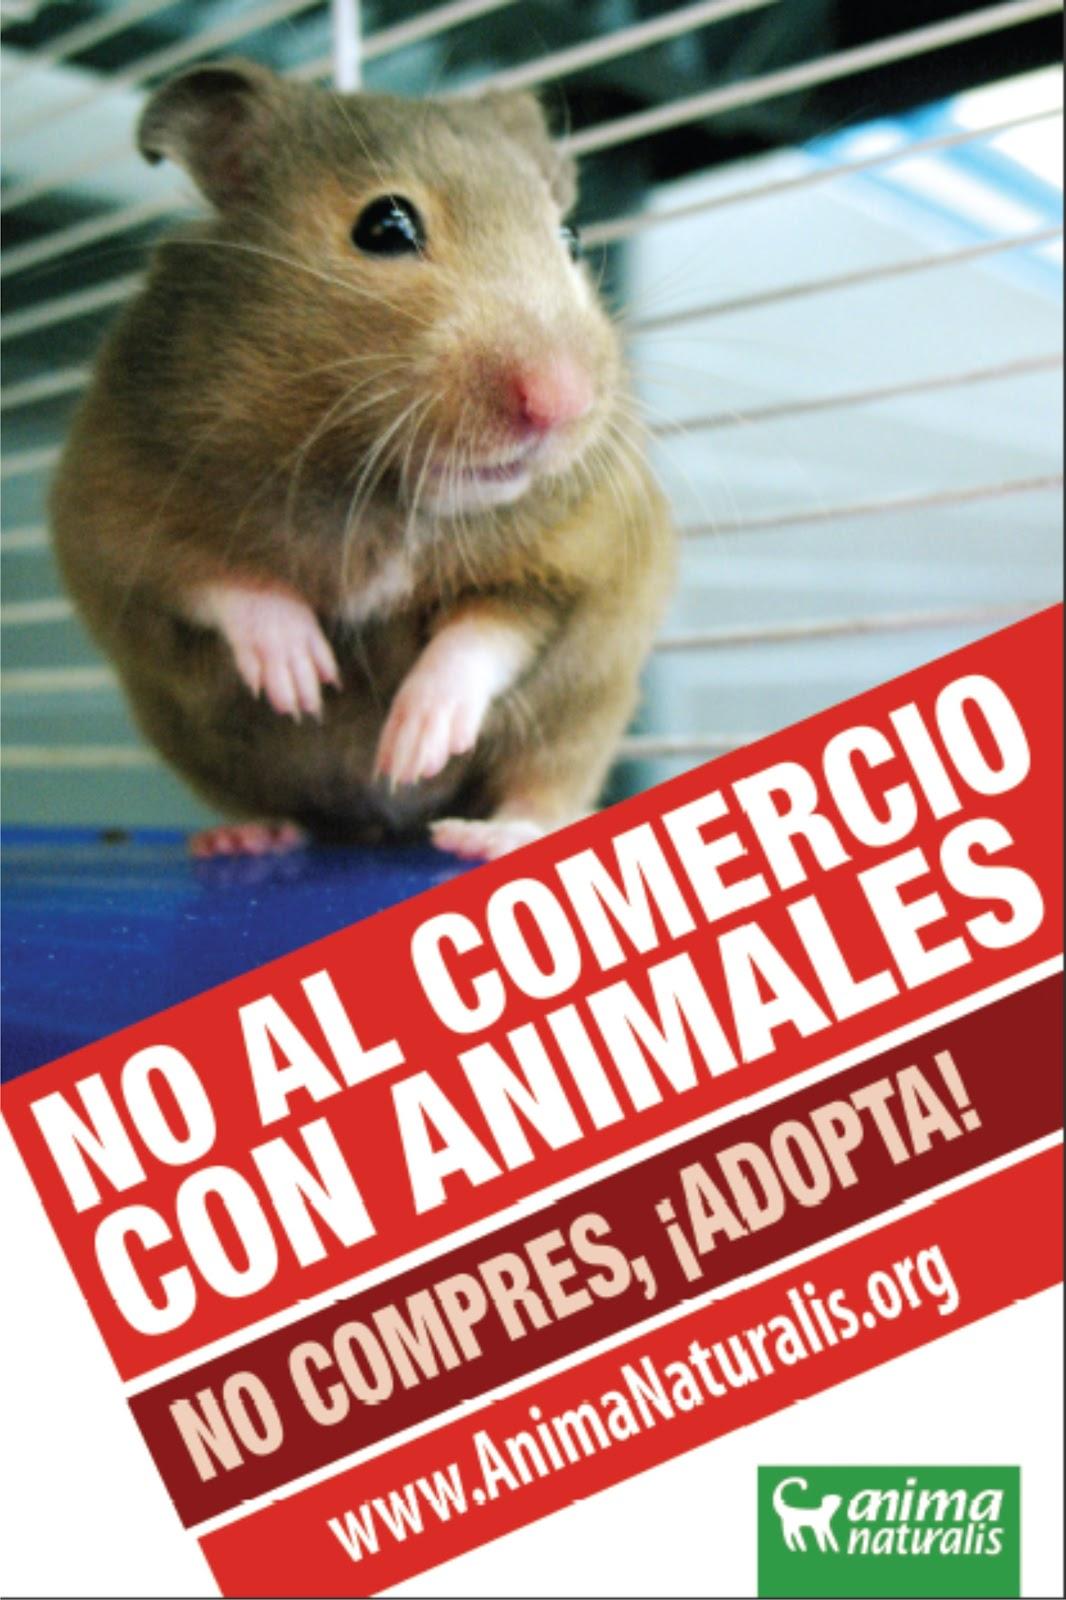 venta hamsters, venta conejos, venta animales... no compres, adopta